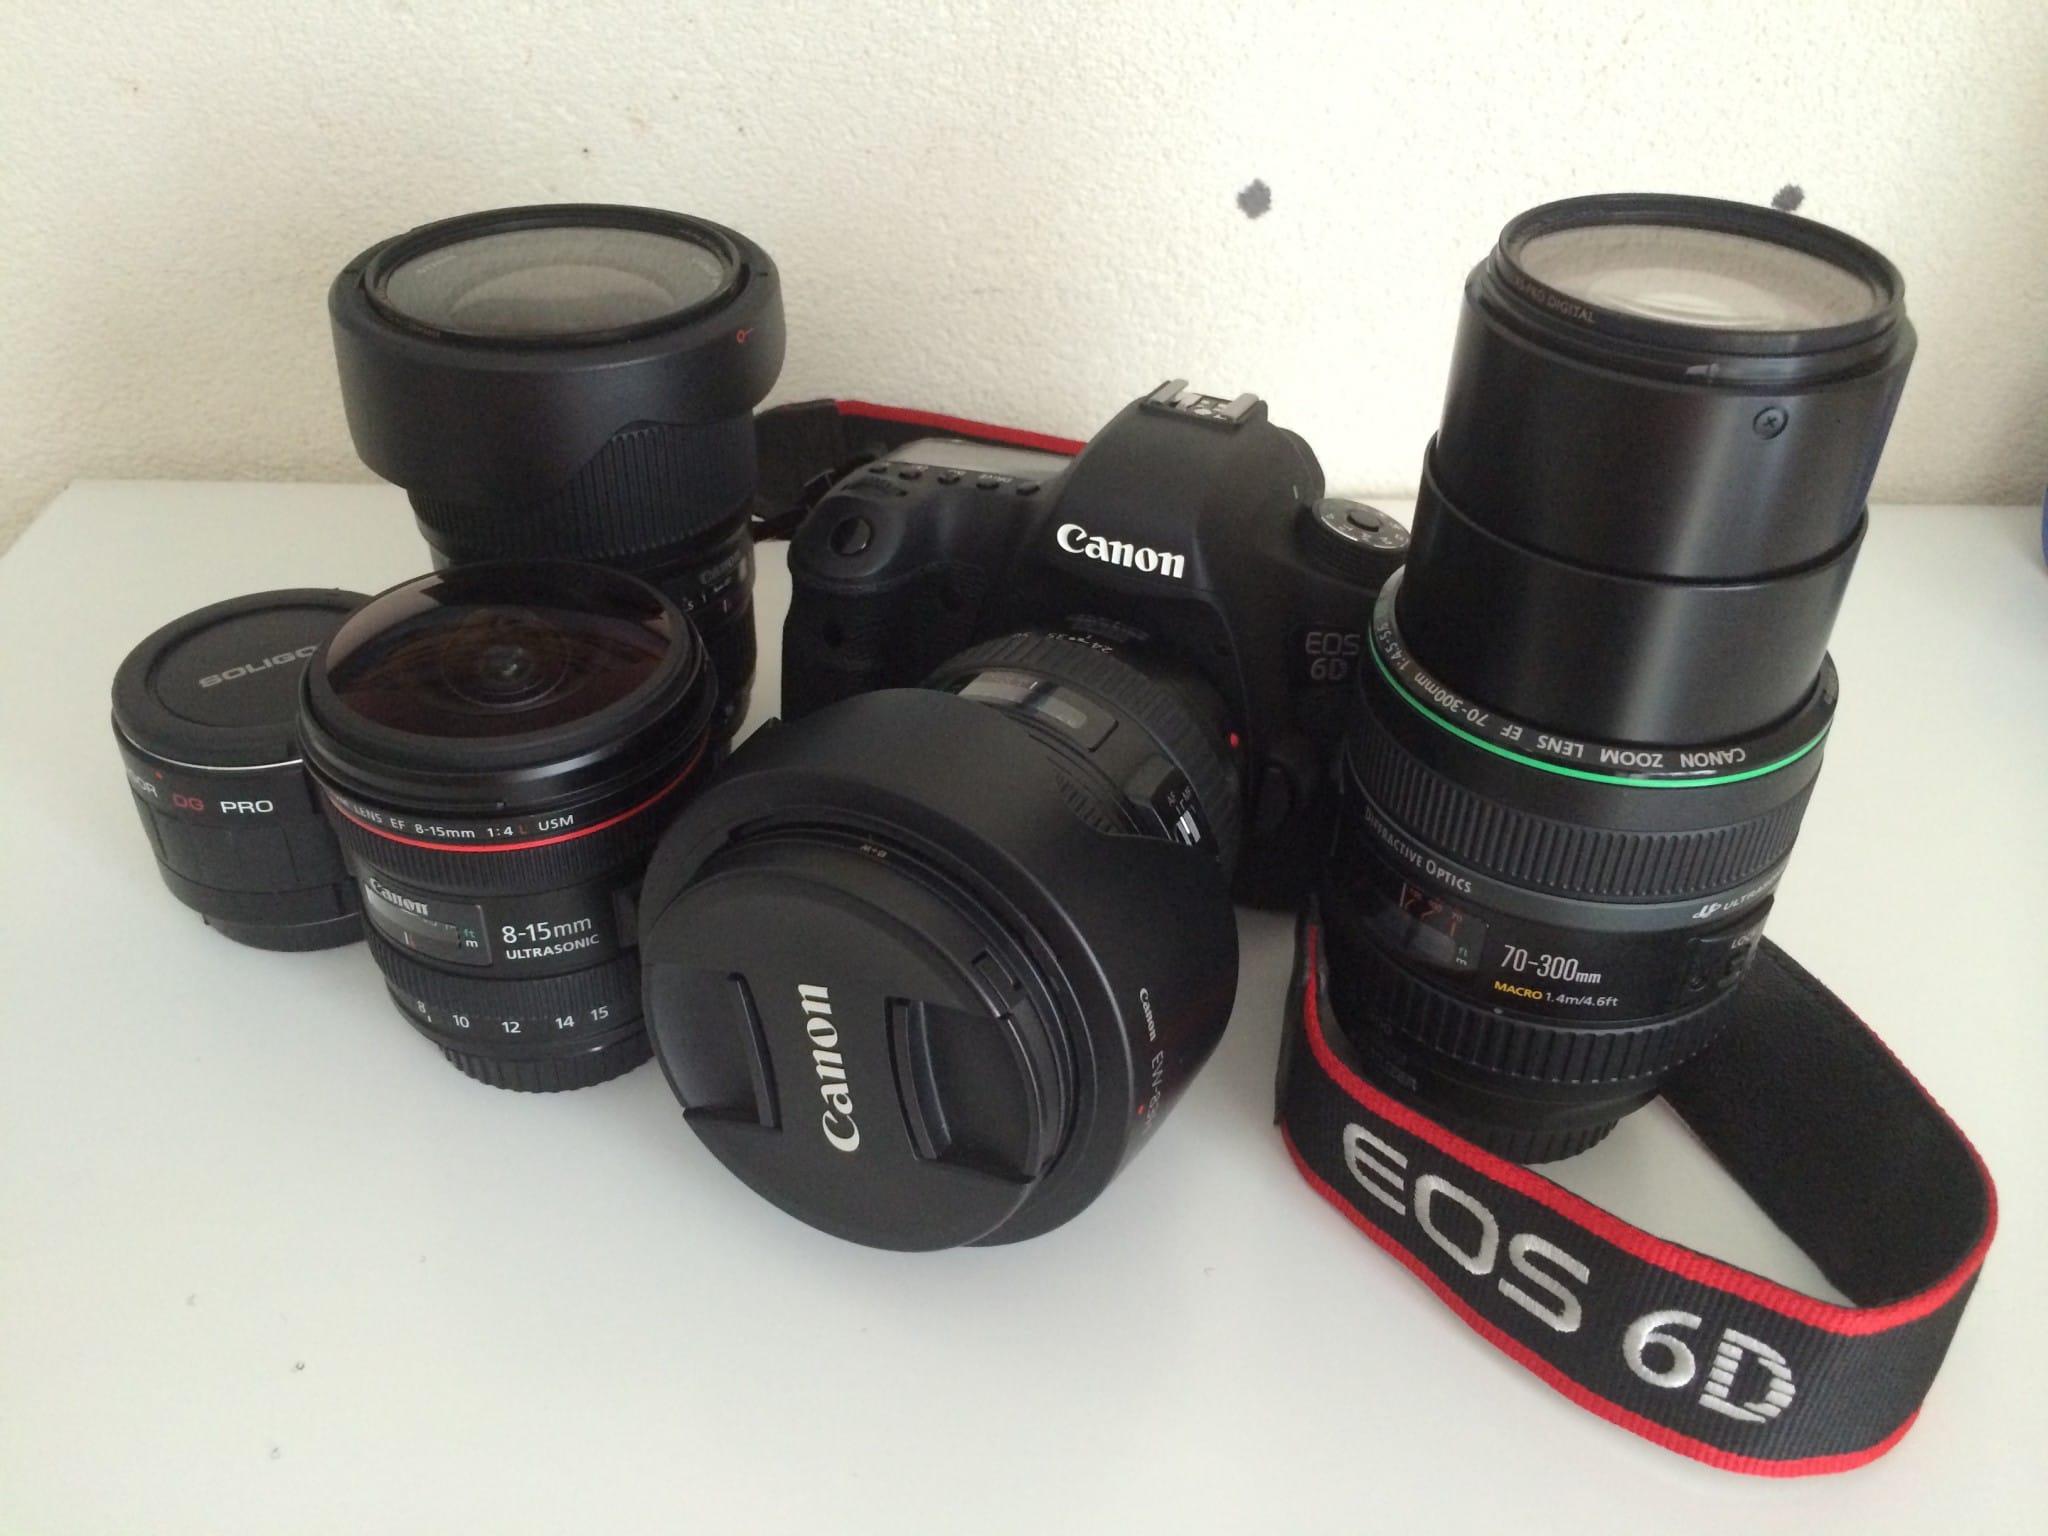 Camera Gear Chris Travel Blog